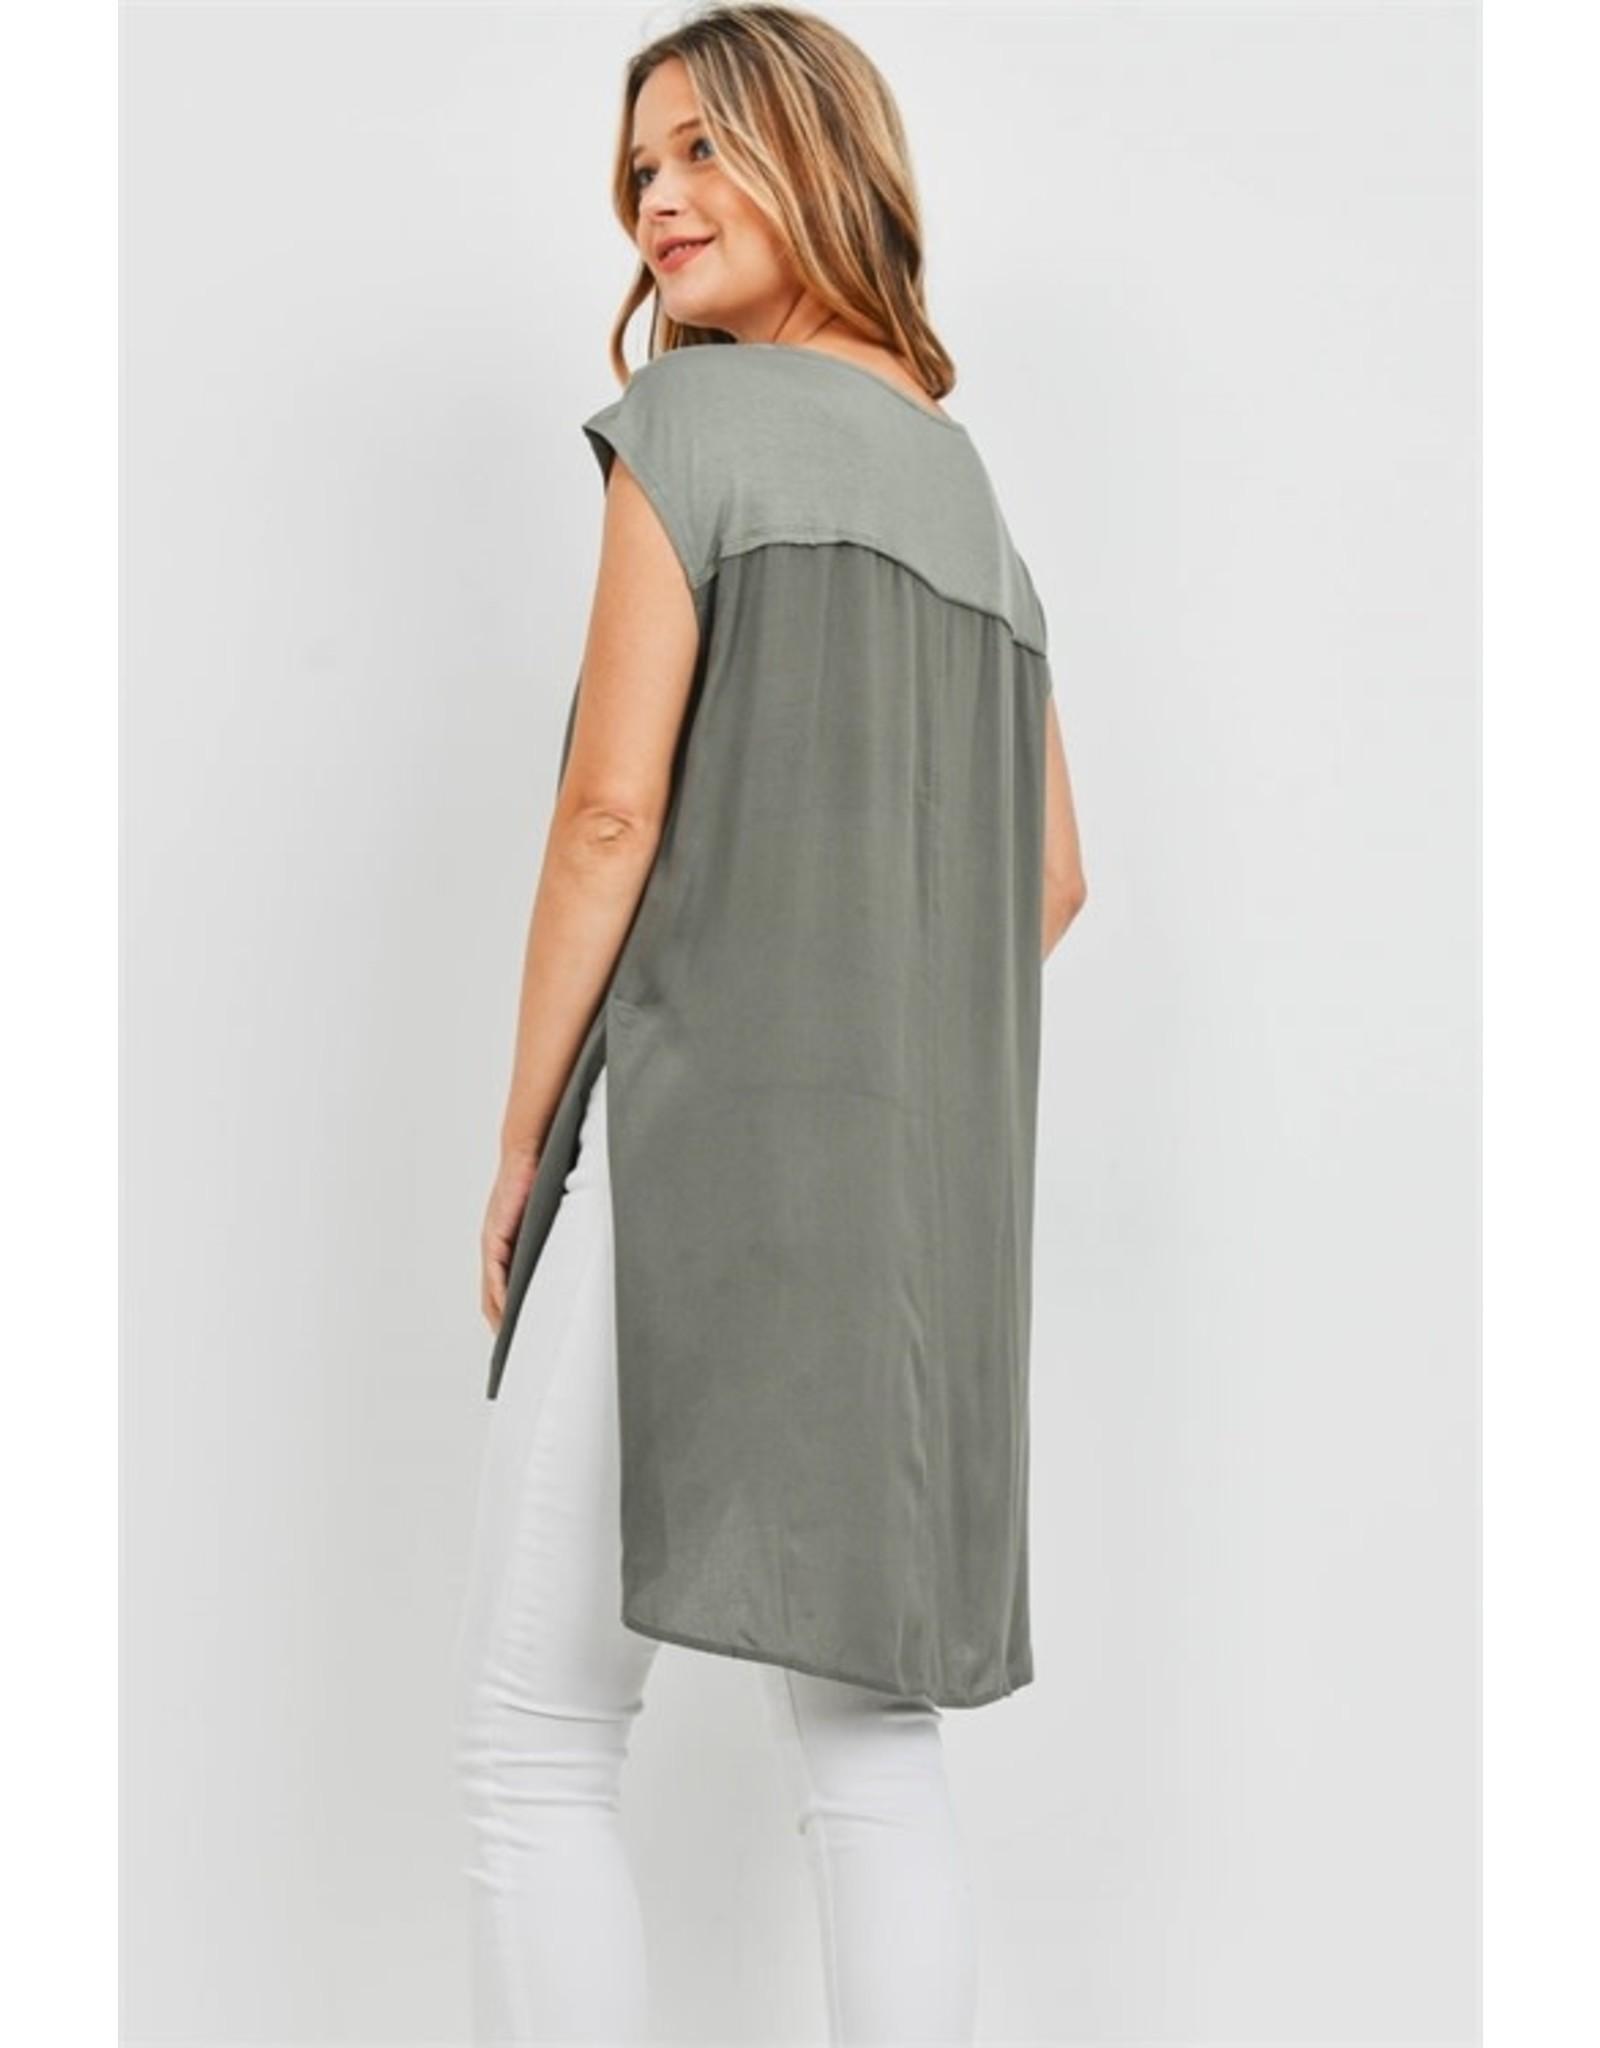 Short sleeve scoop neck splice detail high-low top